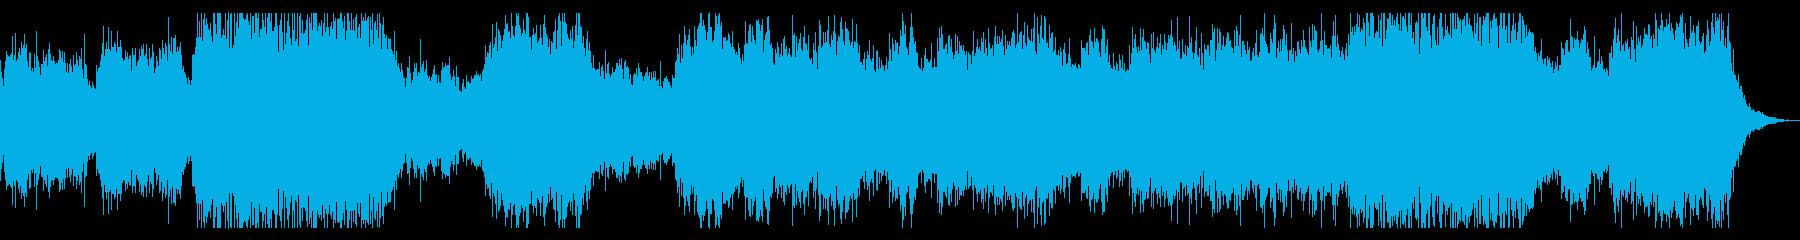 ミステリアスなコーラス主体のBGMの再生済みの波形